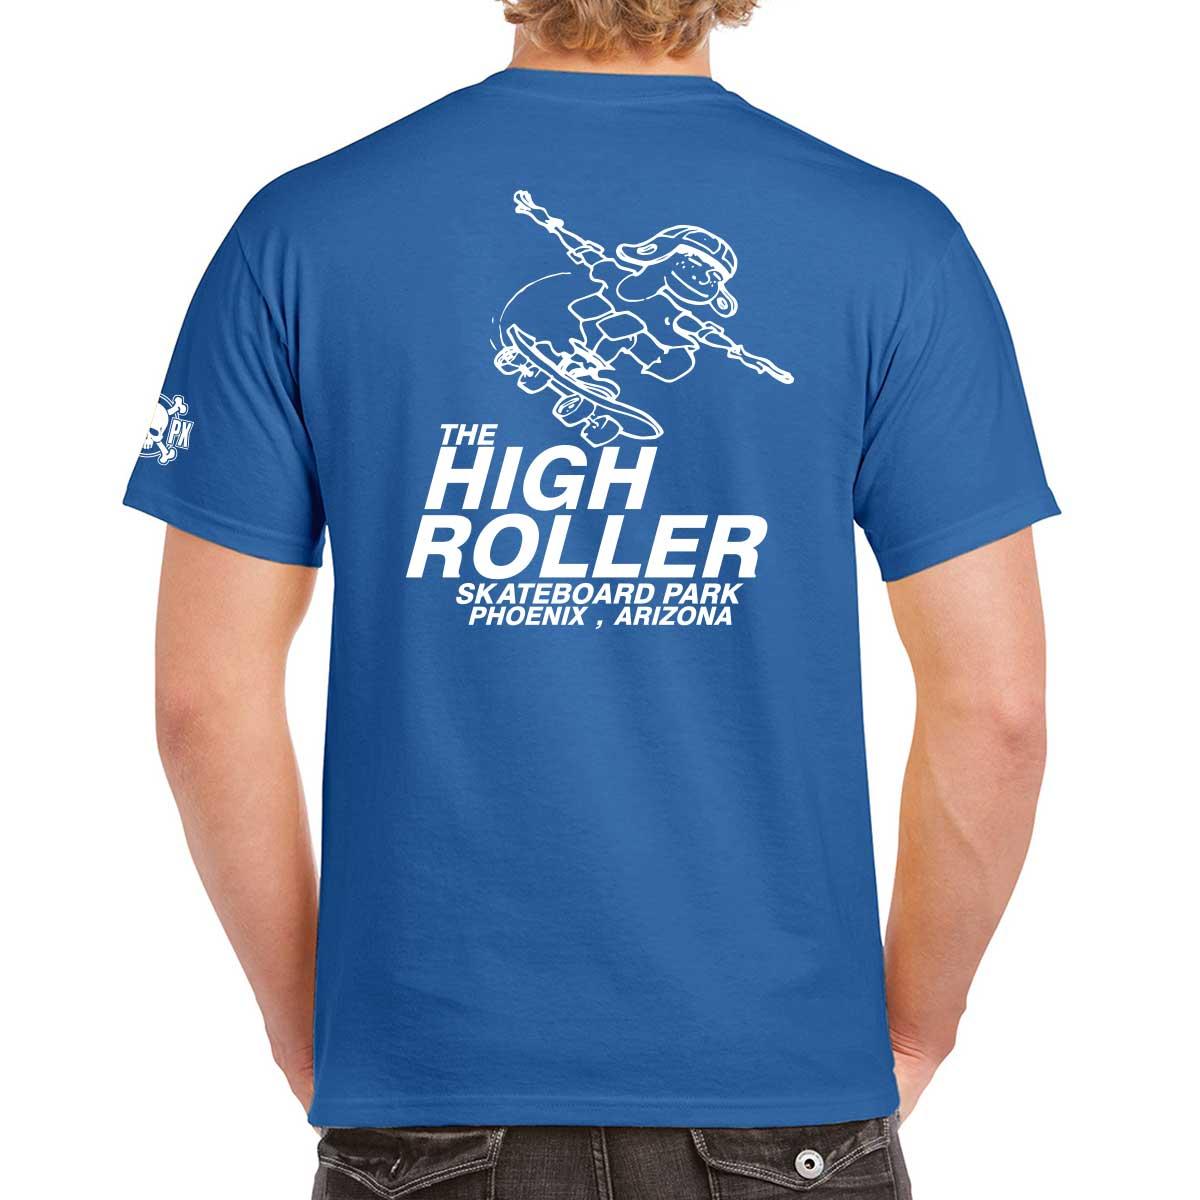 The High Roller Skateboard Park Blue T-shirt